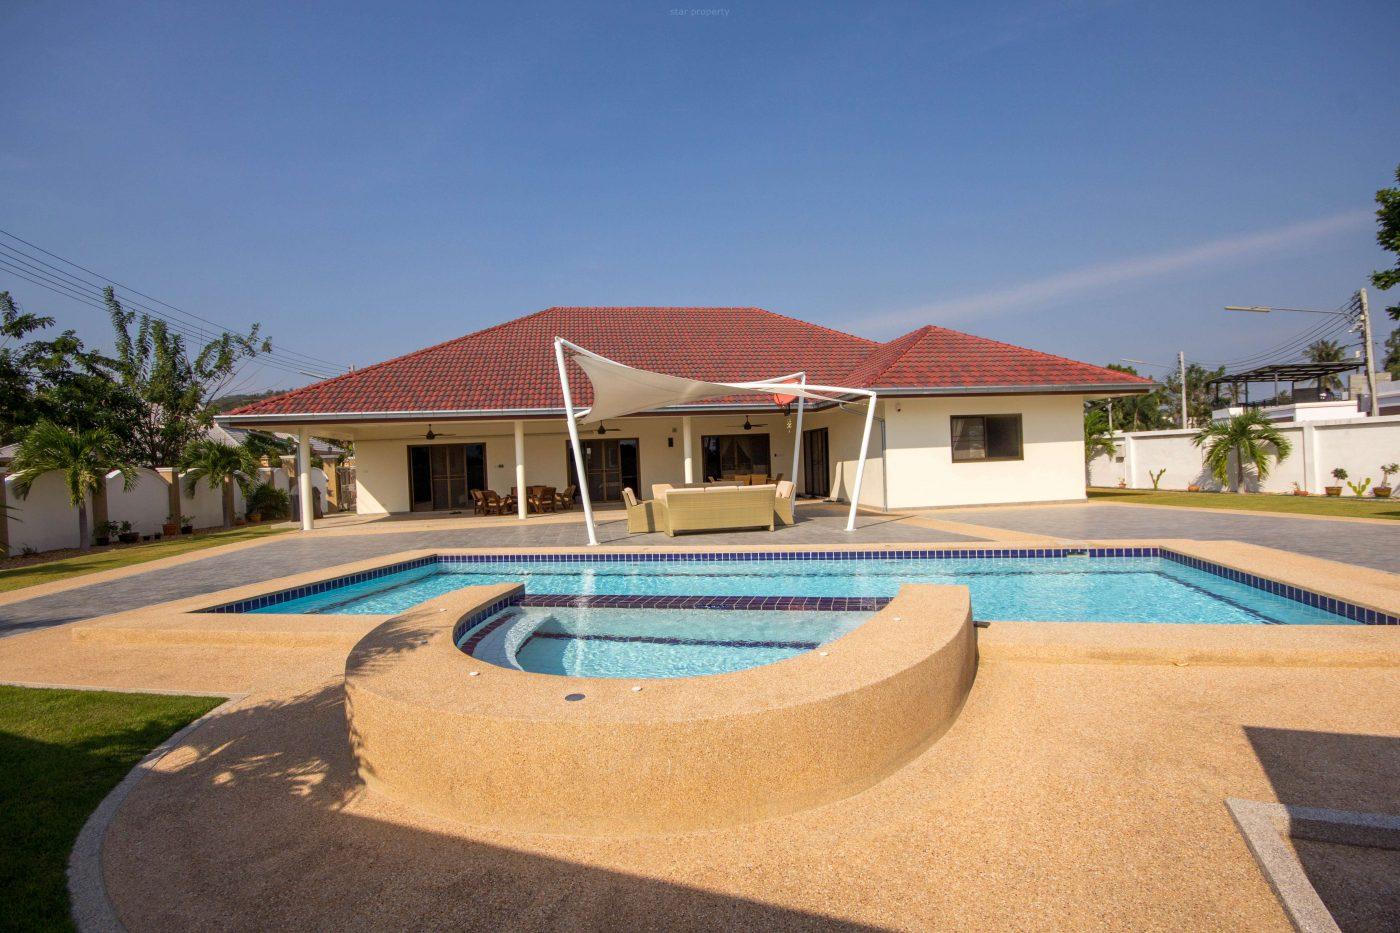 Beautiful Pool Villa for Sale Soi 6 at Hua Hin District, Prachuap Khiri Khan, Thailand